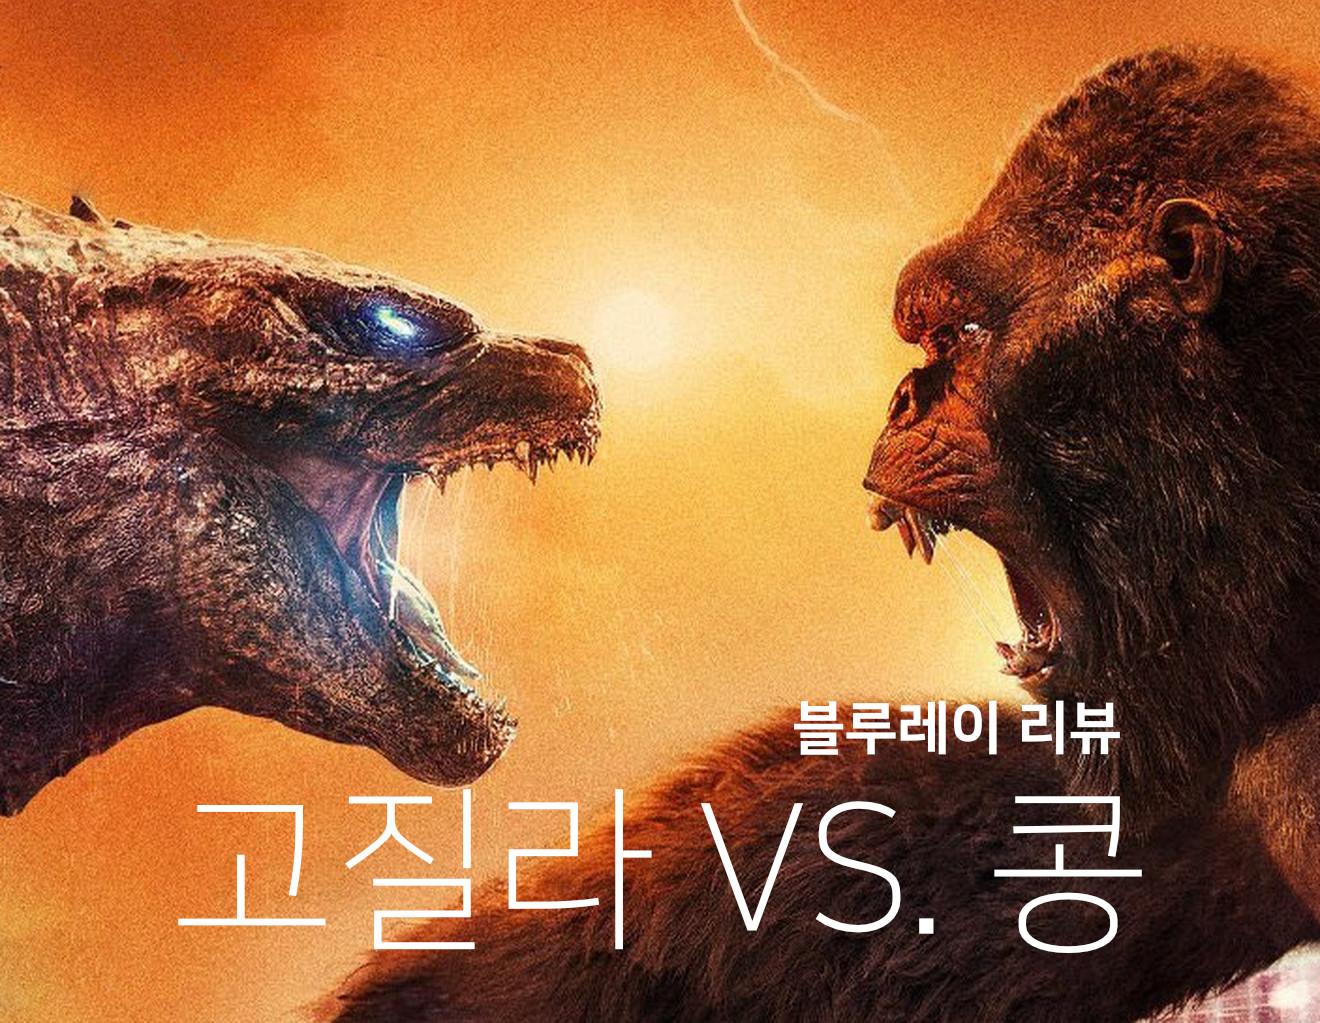 [블루레이] 고질라 vs. 콩 - 몬스터버스의 화려한 피날레